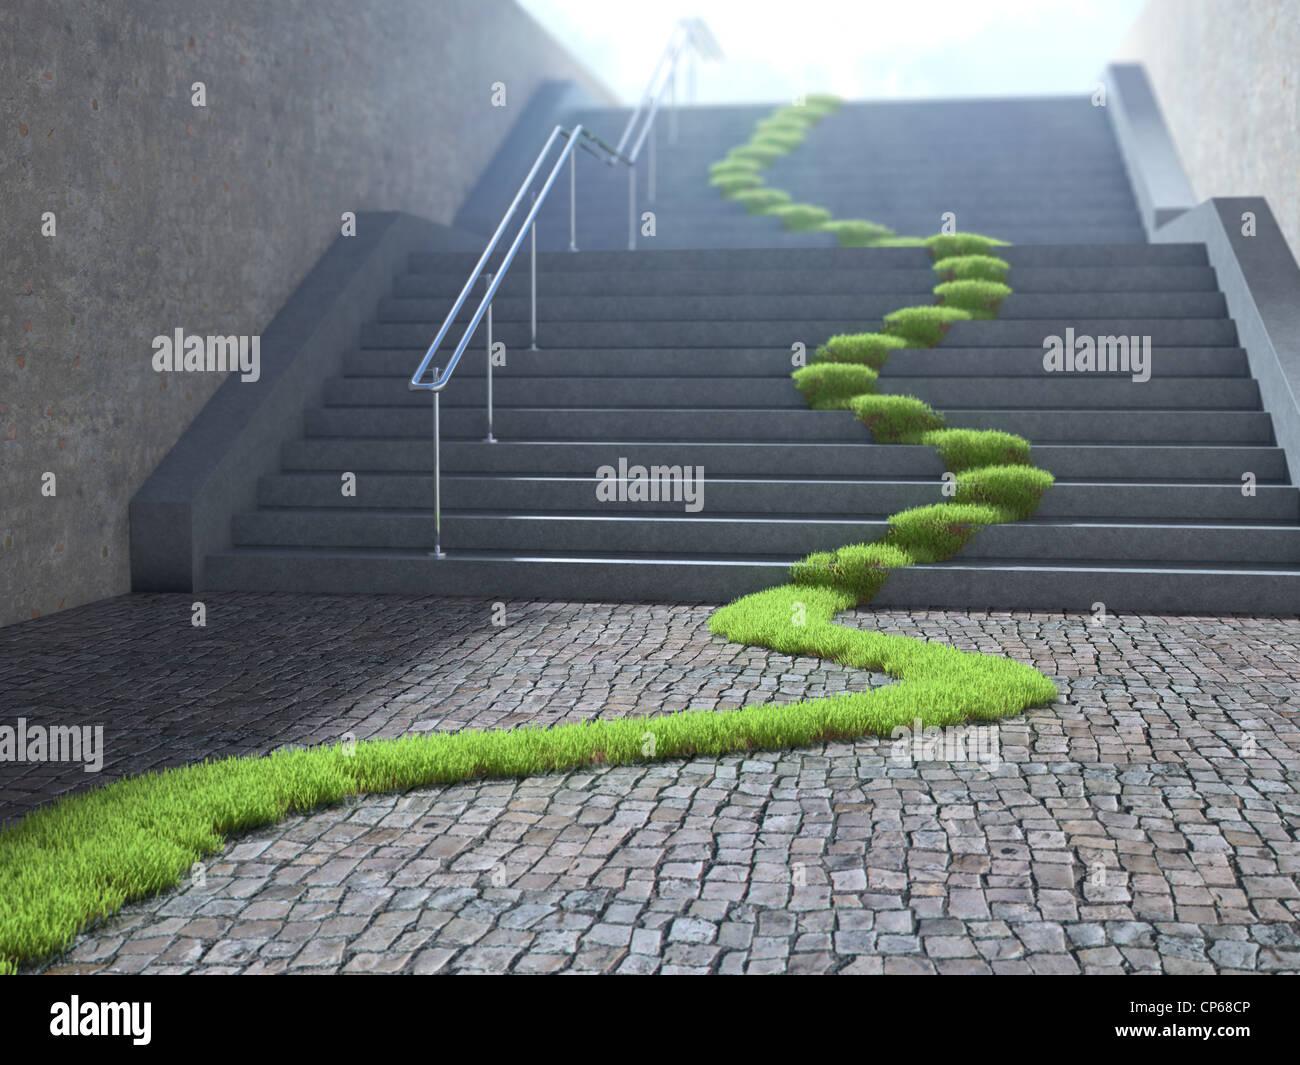 L'écologie urbaine concept - grass strop sur escaliers Photo Stock